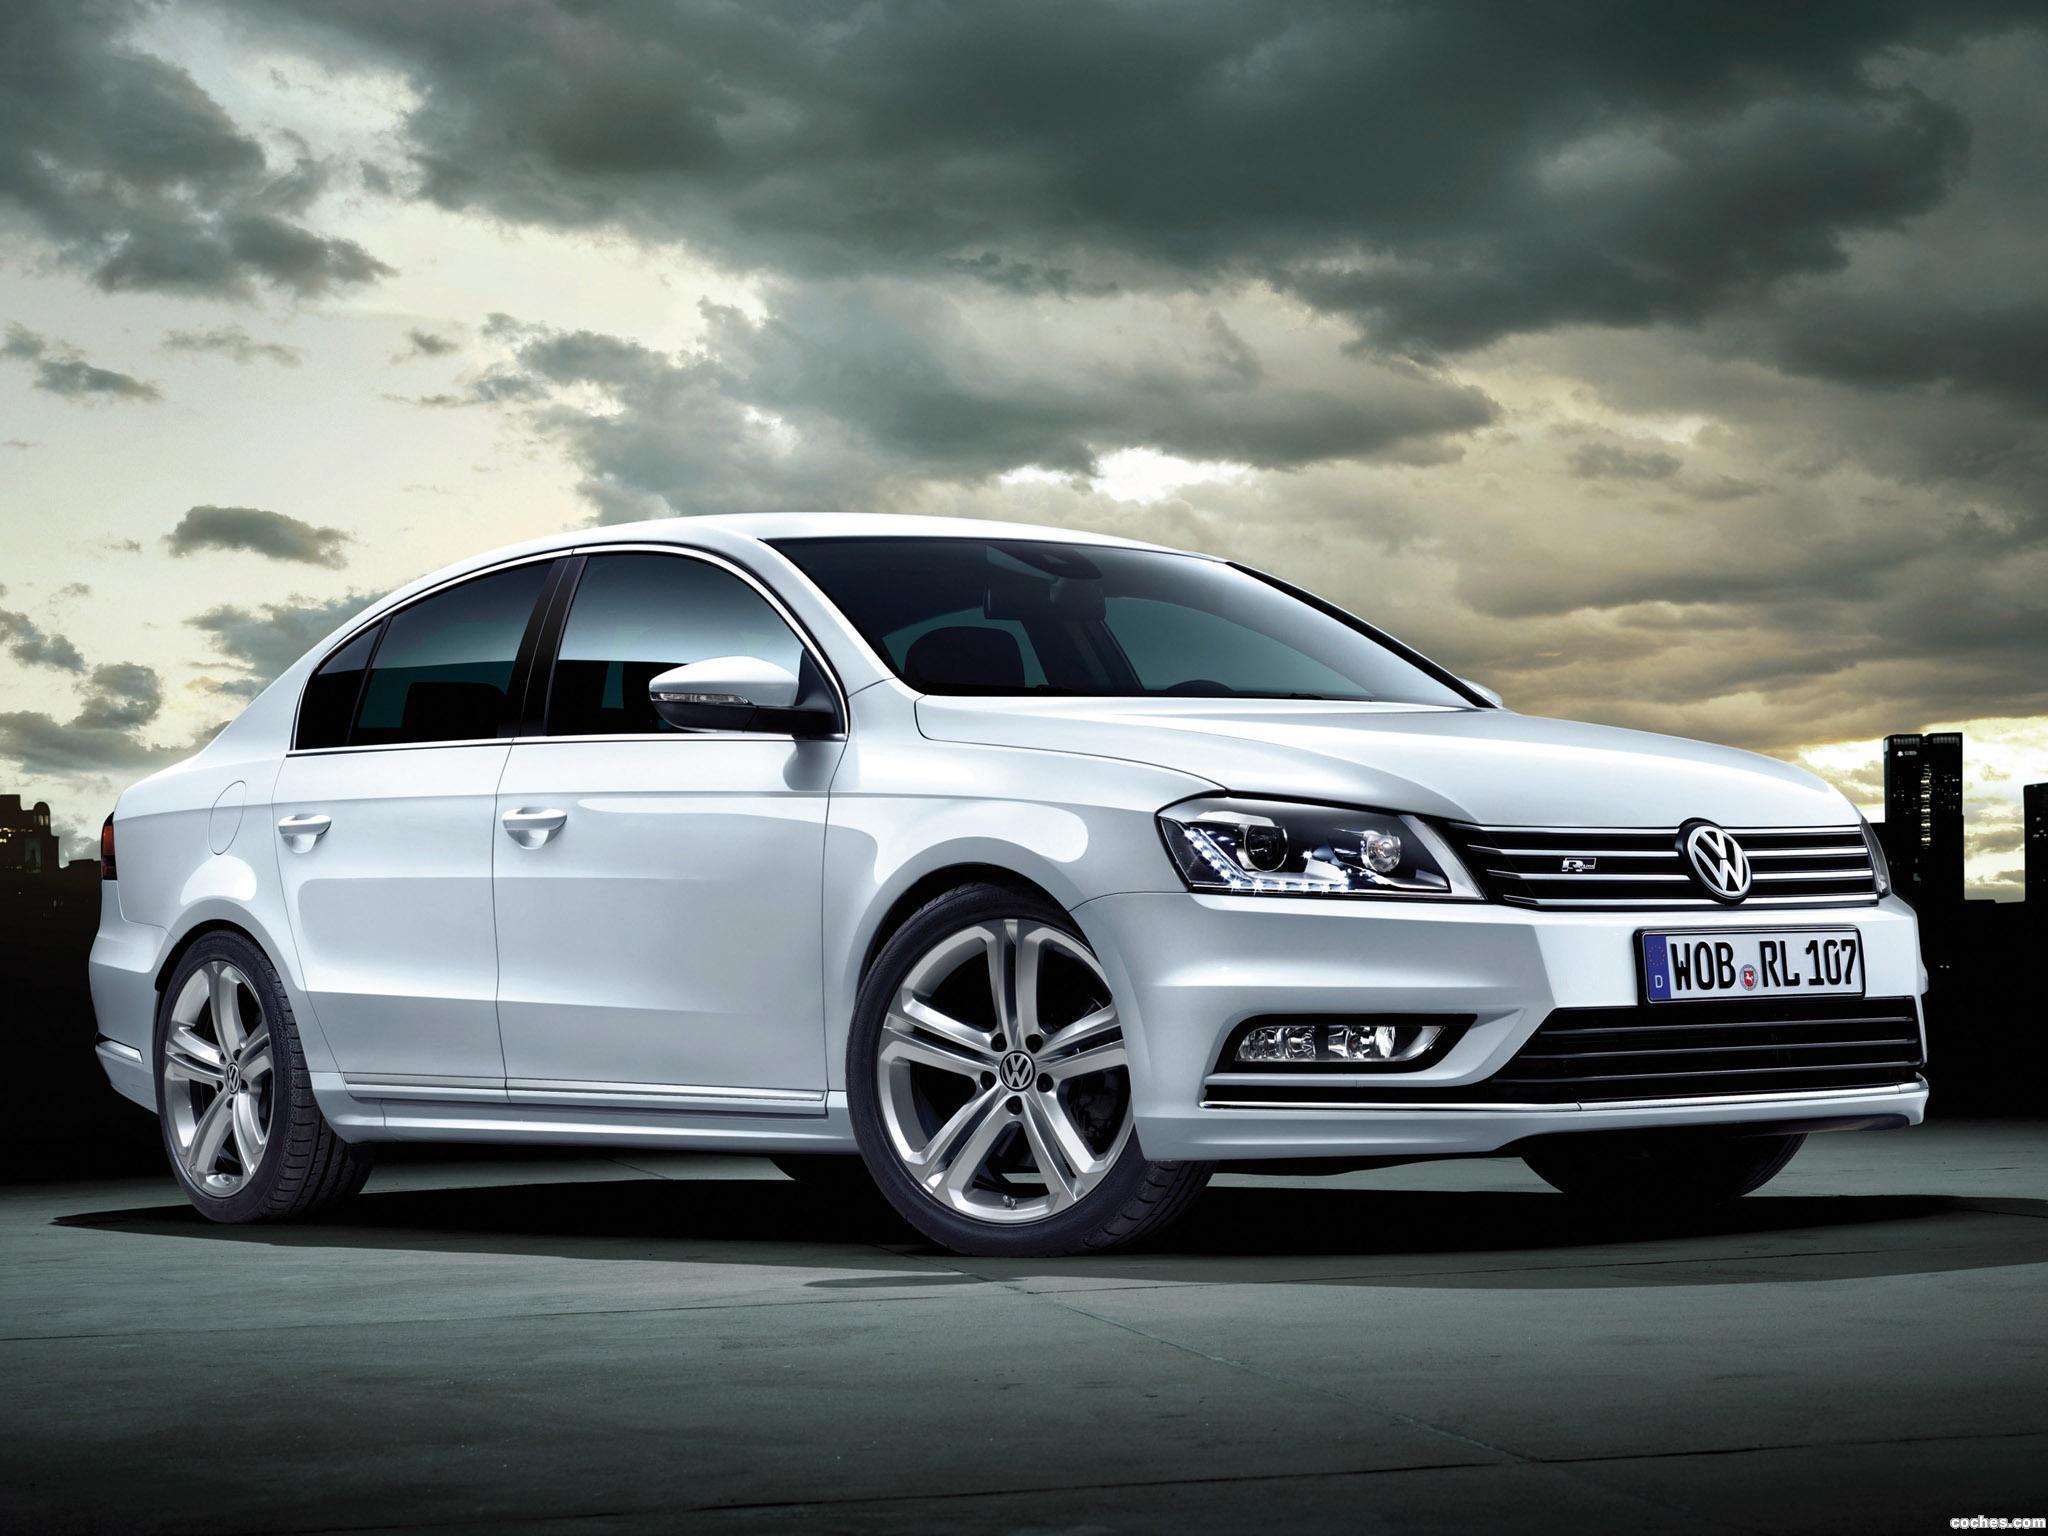 Foto 0 de Volkswagen Passat R Line 2012